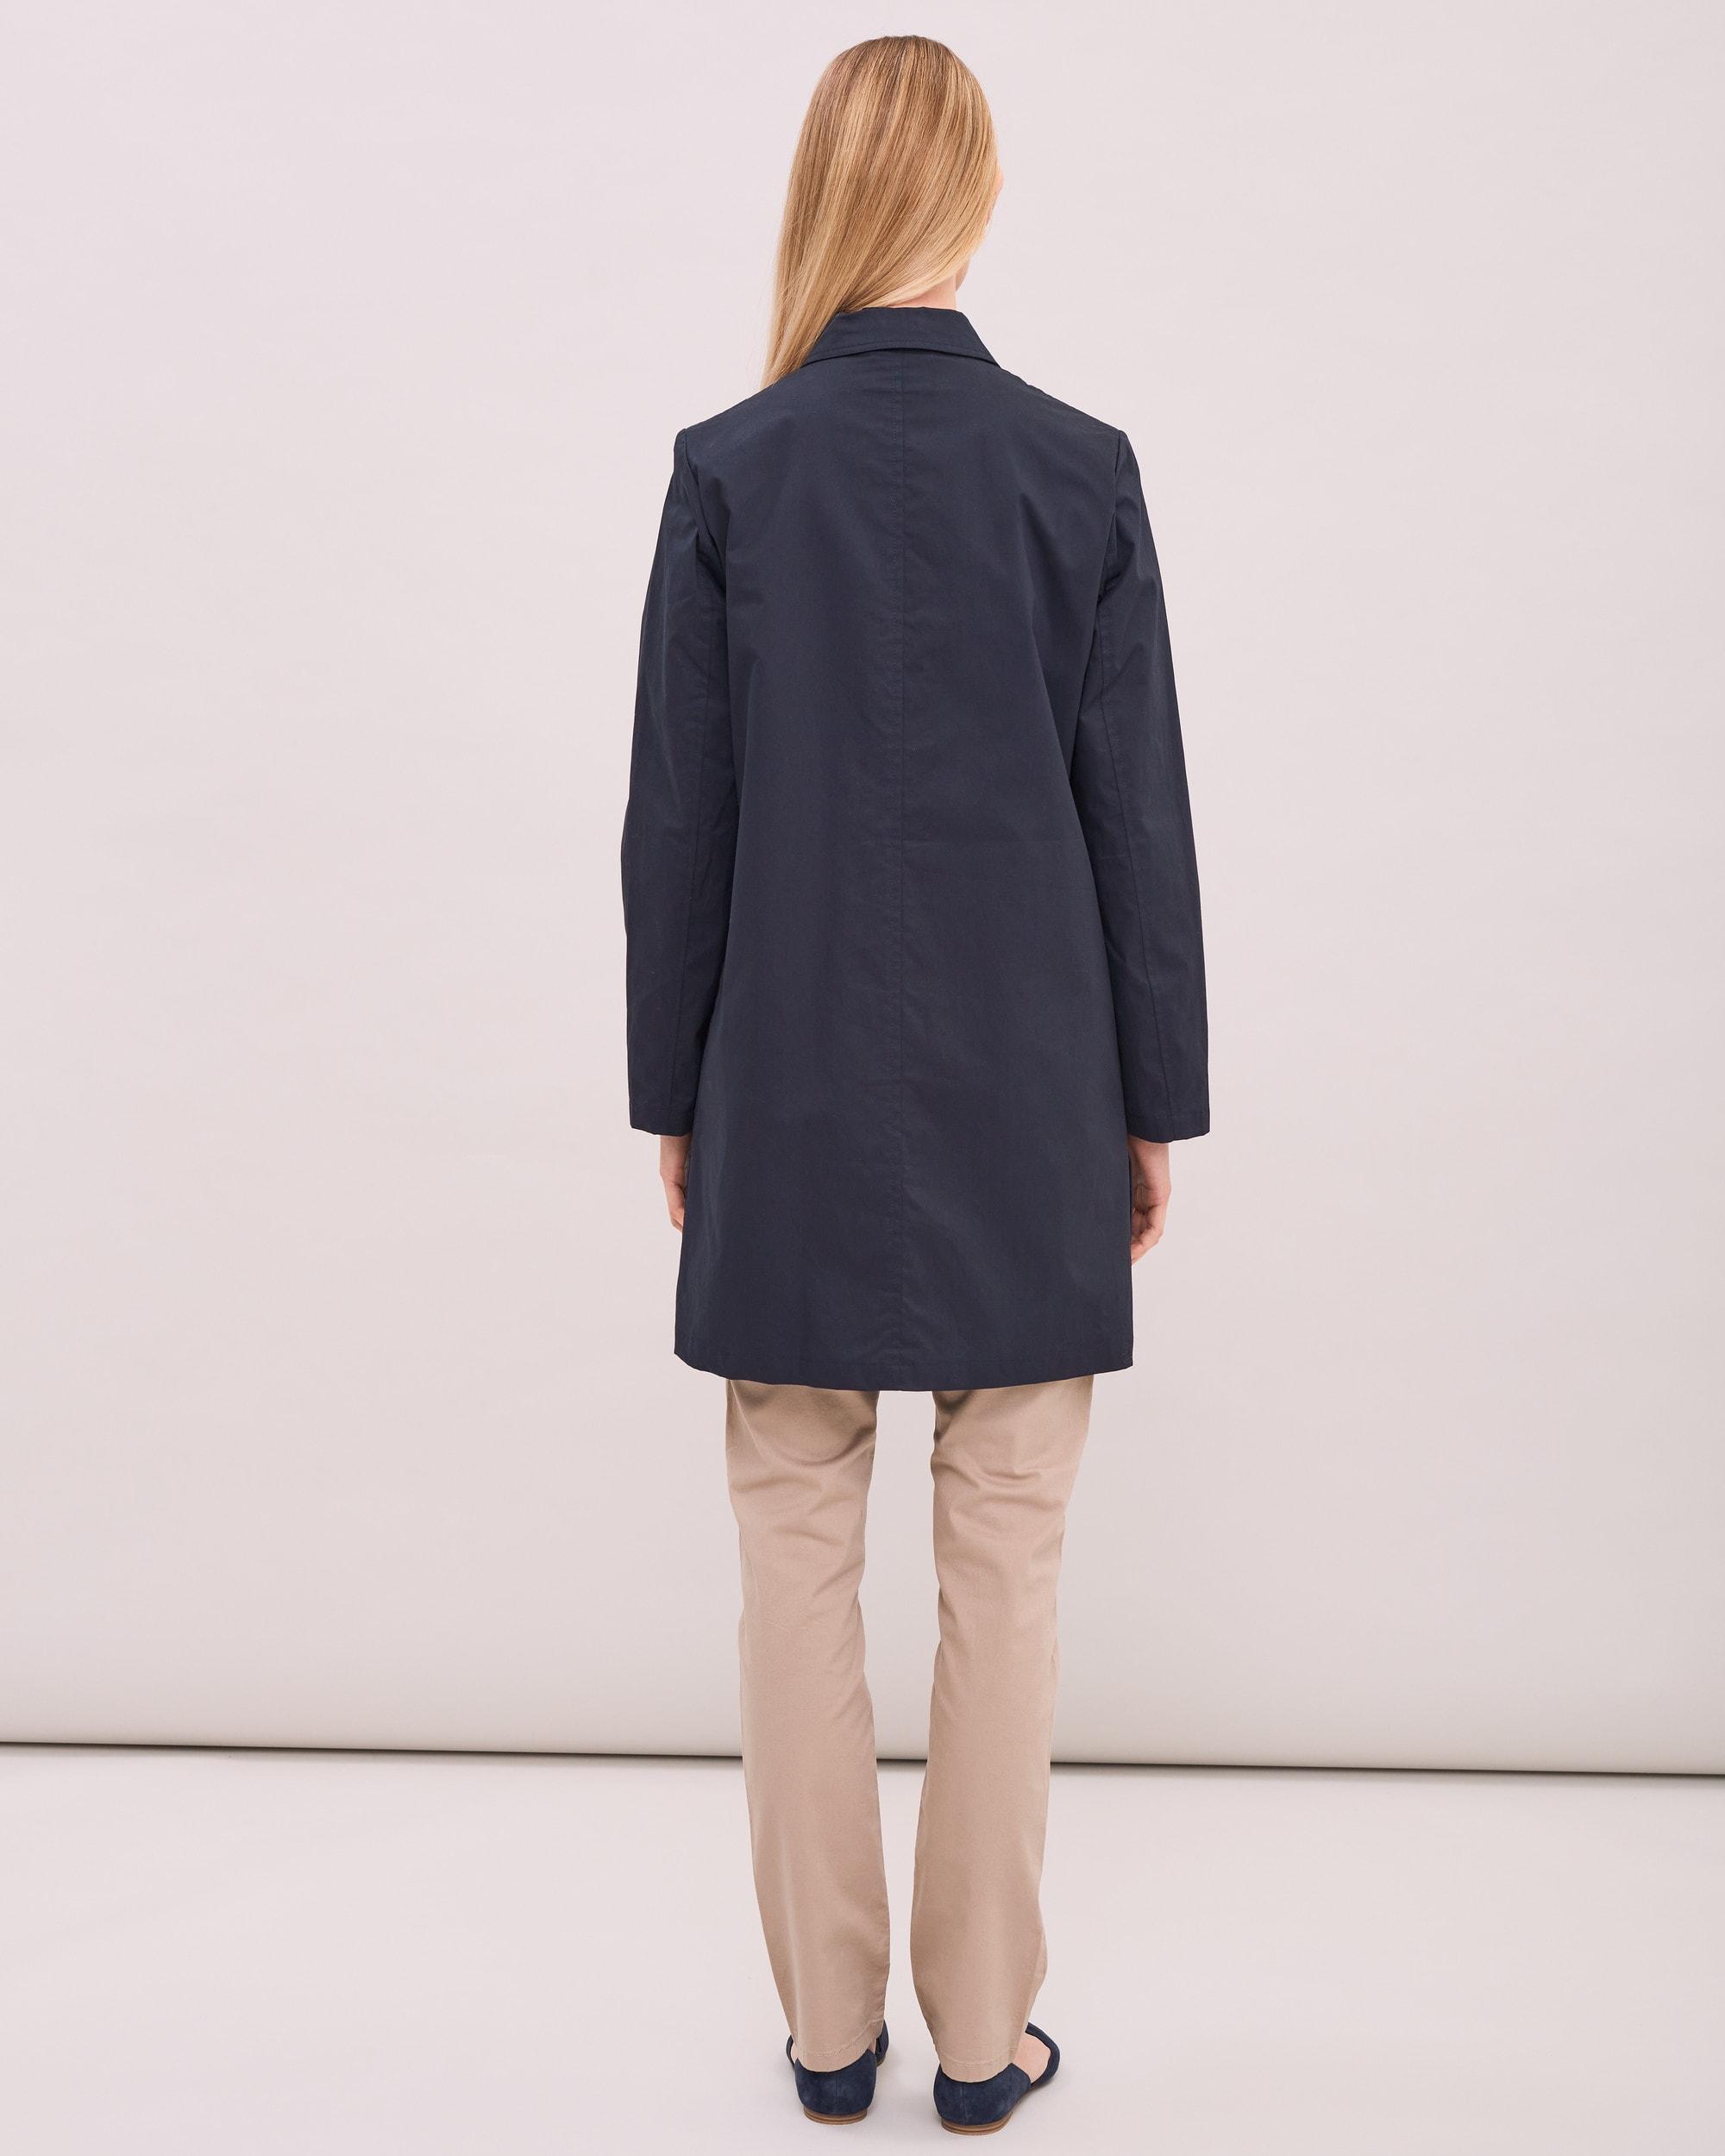 Ytterkläder för dam Klassiskt mode Newhouse